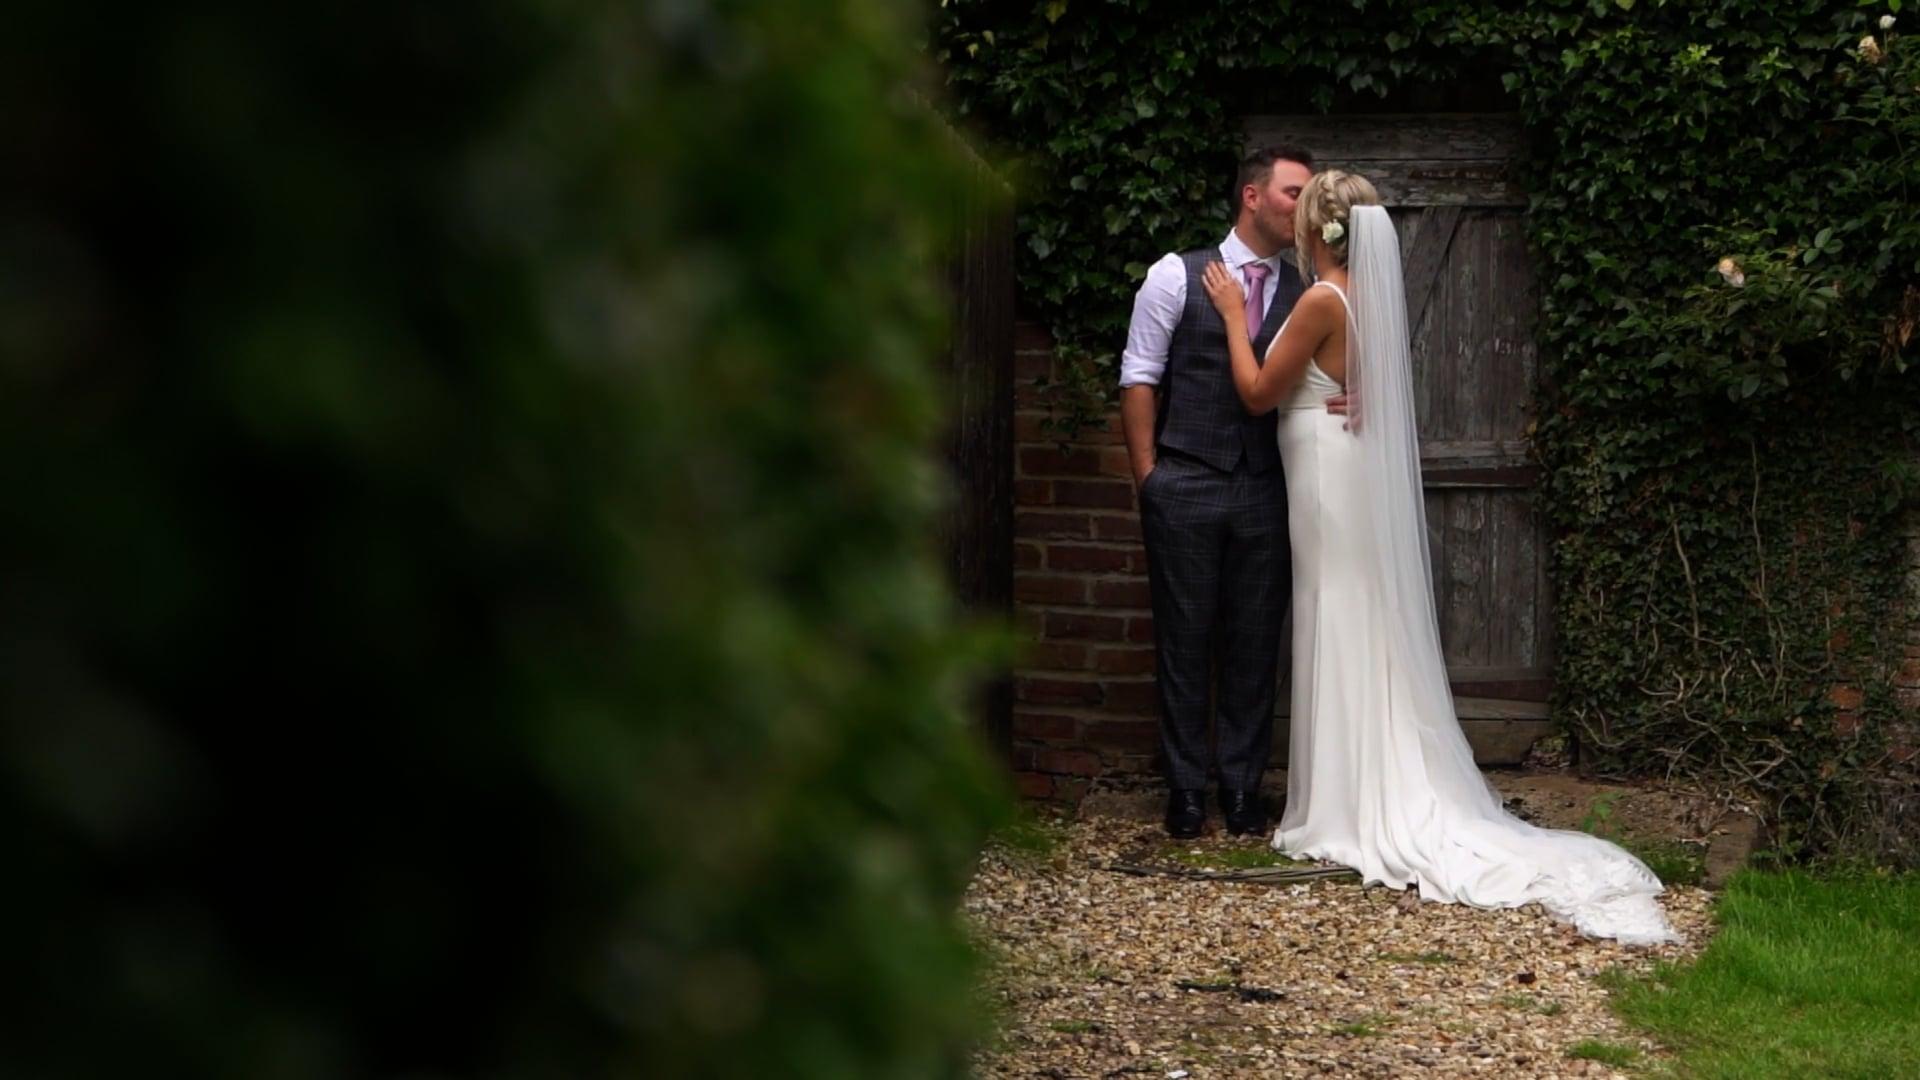 Heather & Ryan - Dodmoor House, Northamptonshire